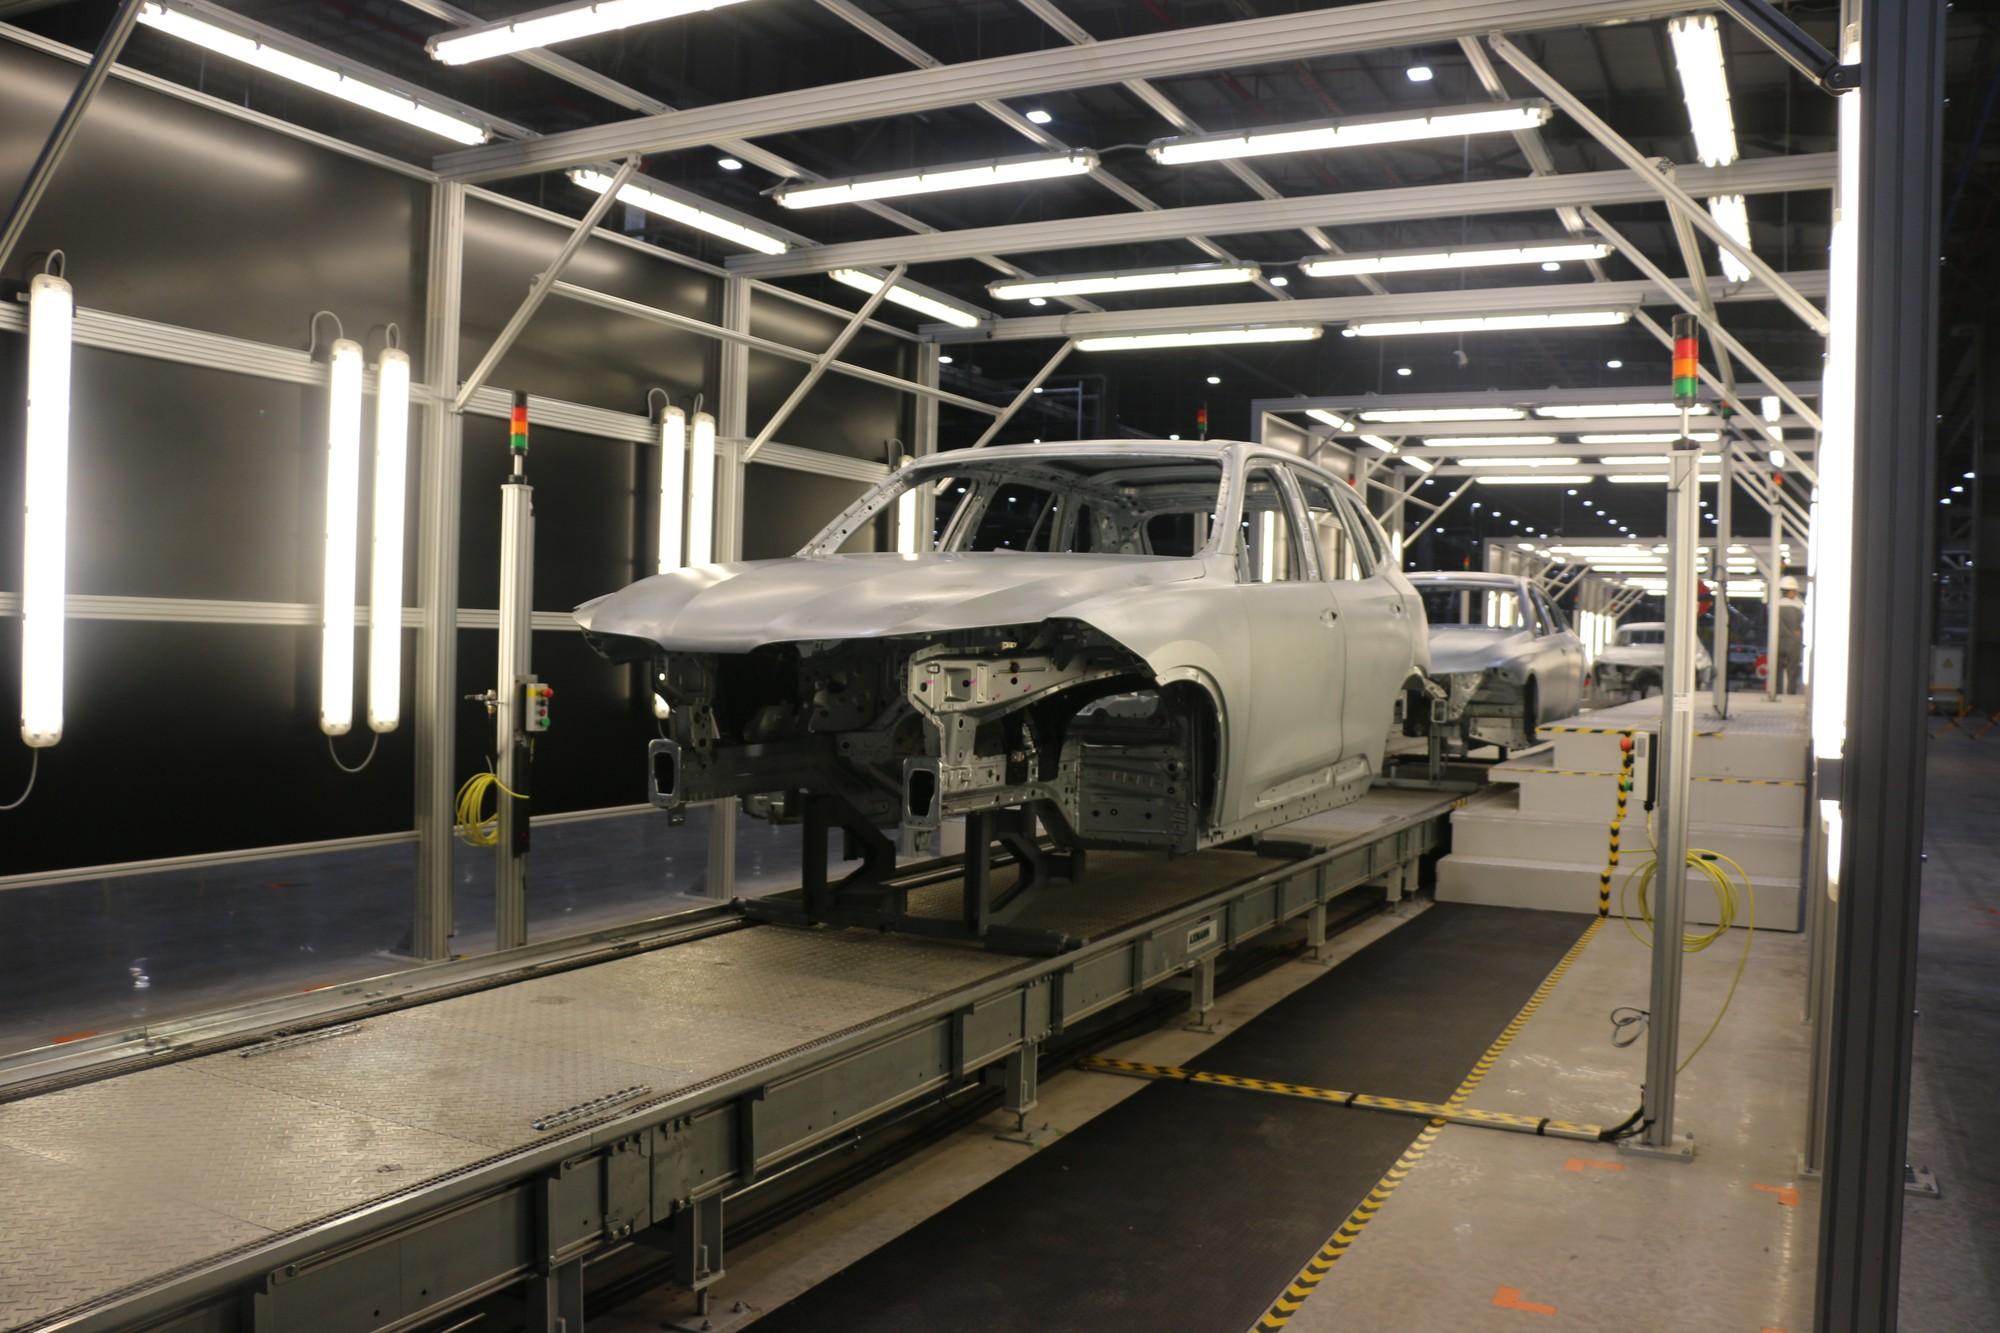 Xem quy trình lắp ráp ôtô VinFast trước ngày đi vào sản xuất thương mại - Ảnh 9.